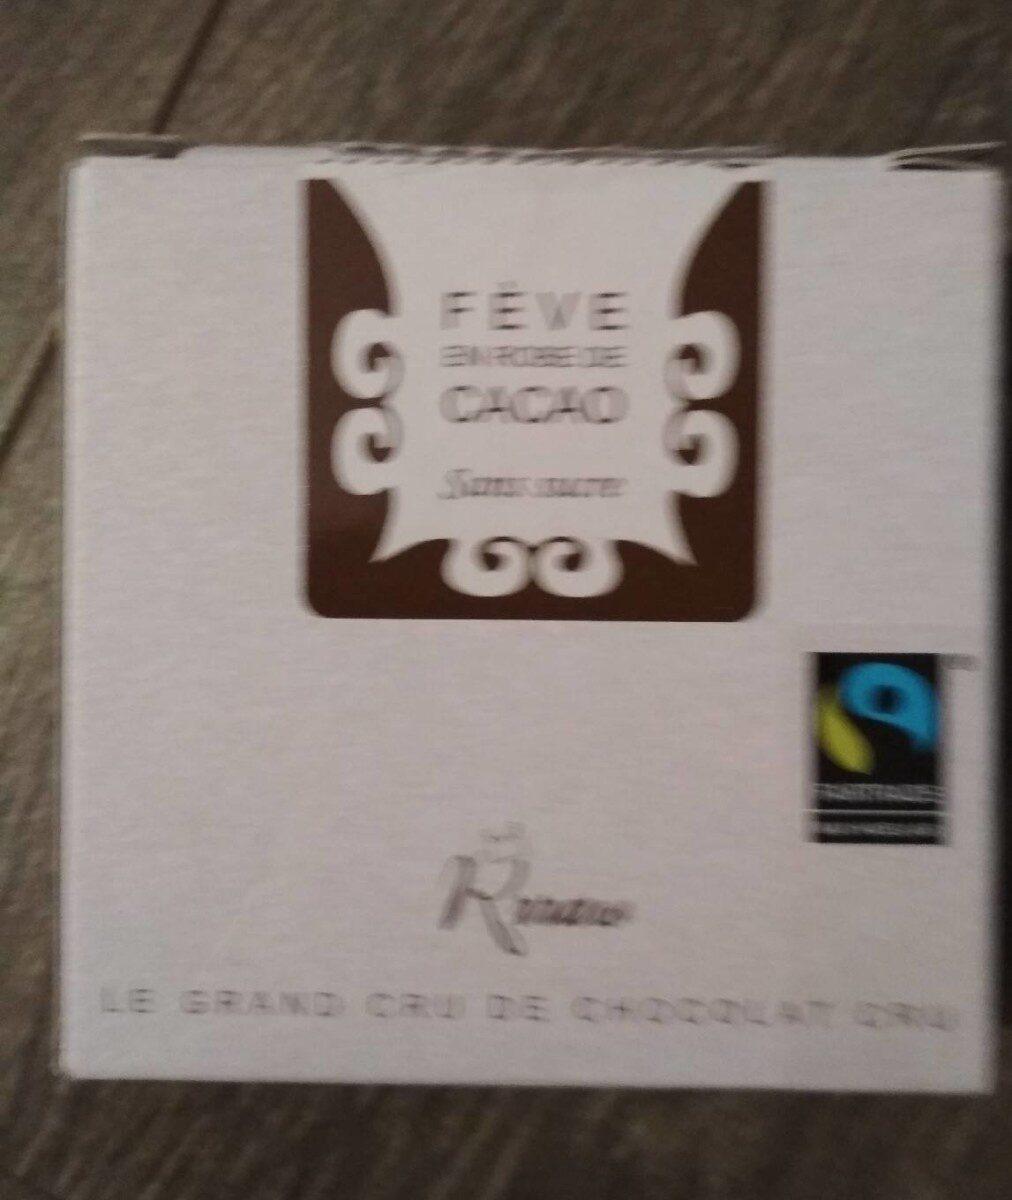 Fève en robe de cacao - Prodotto - fr